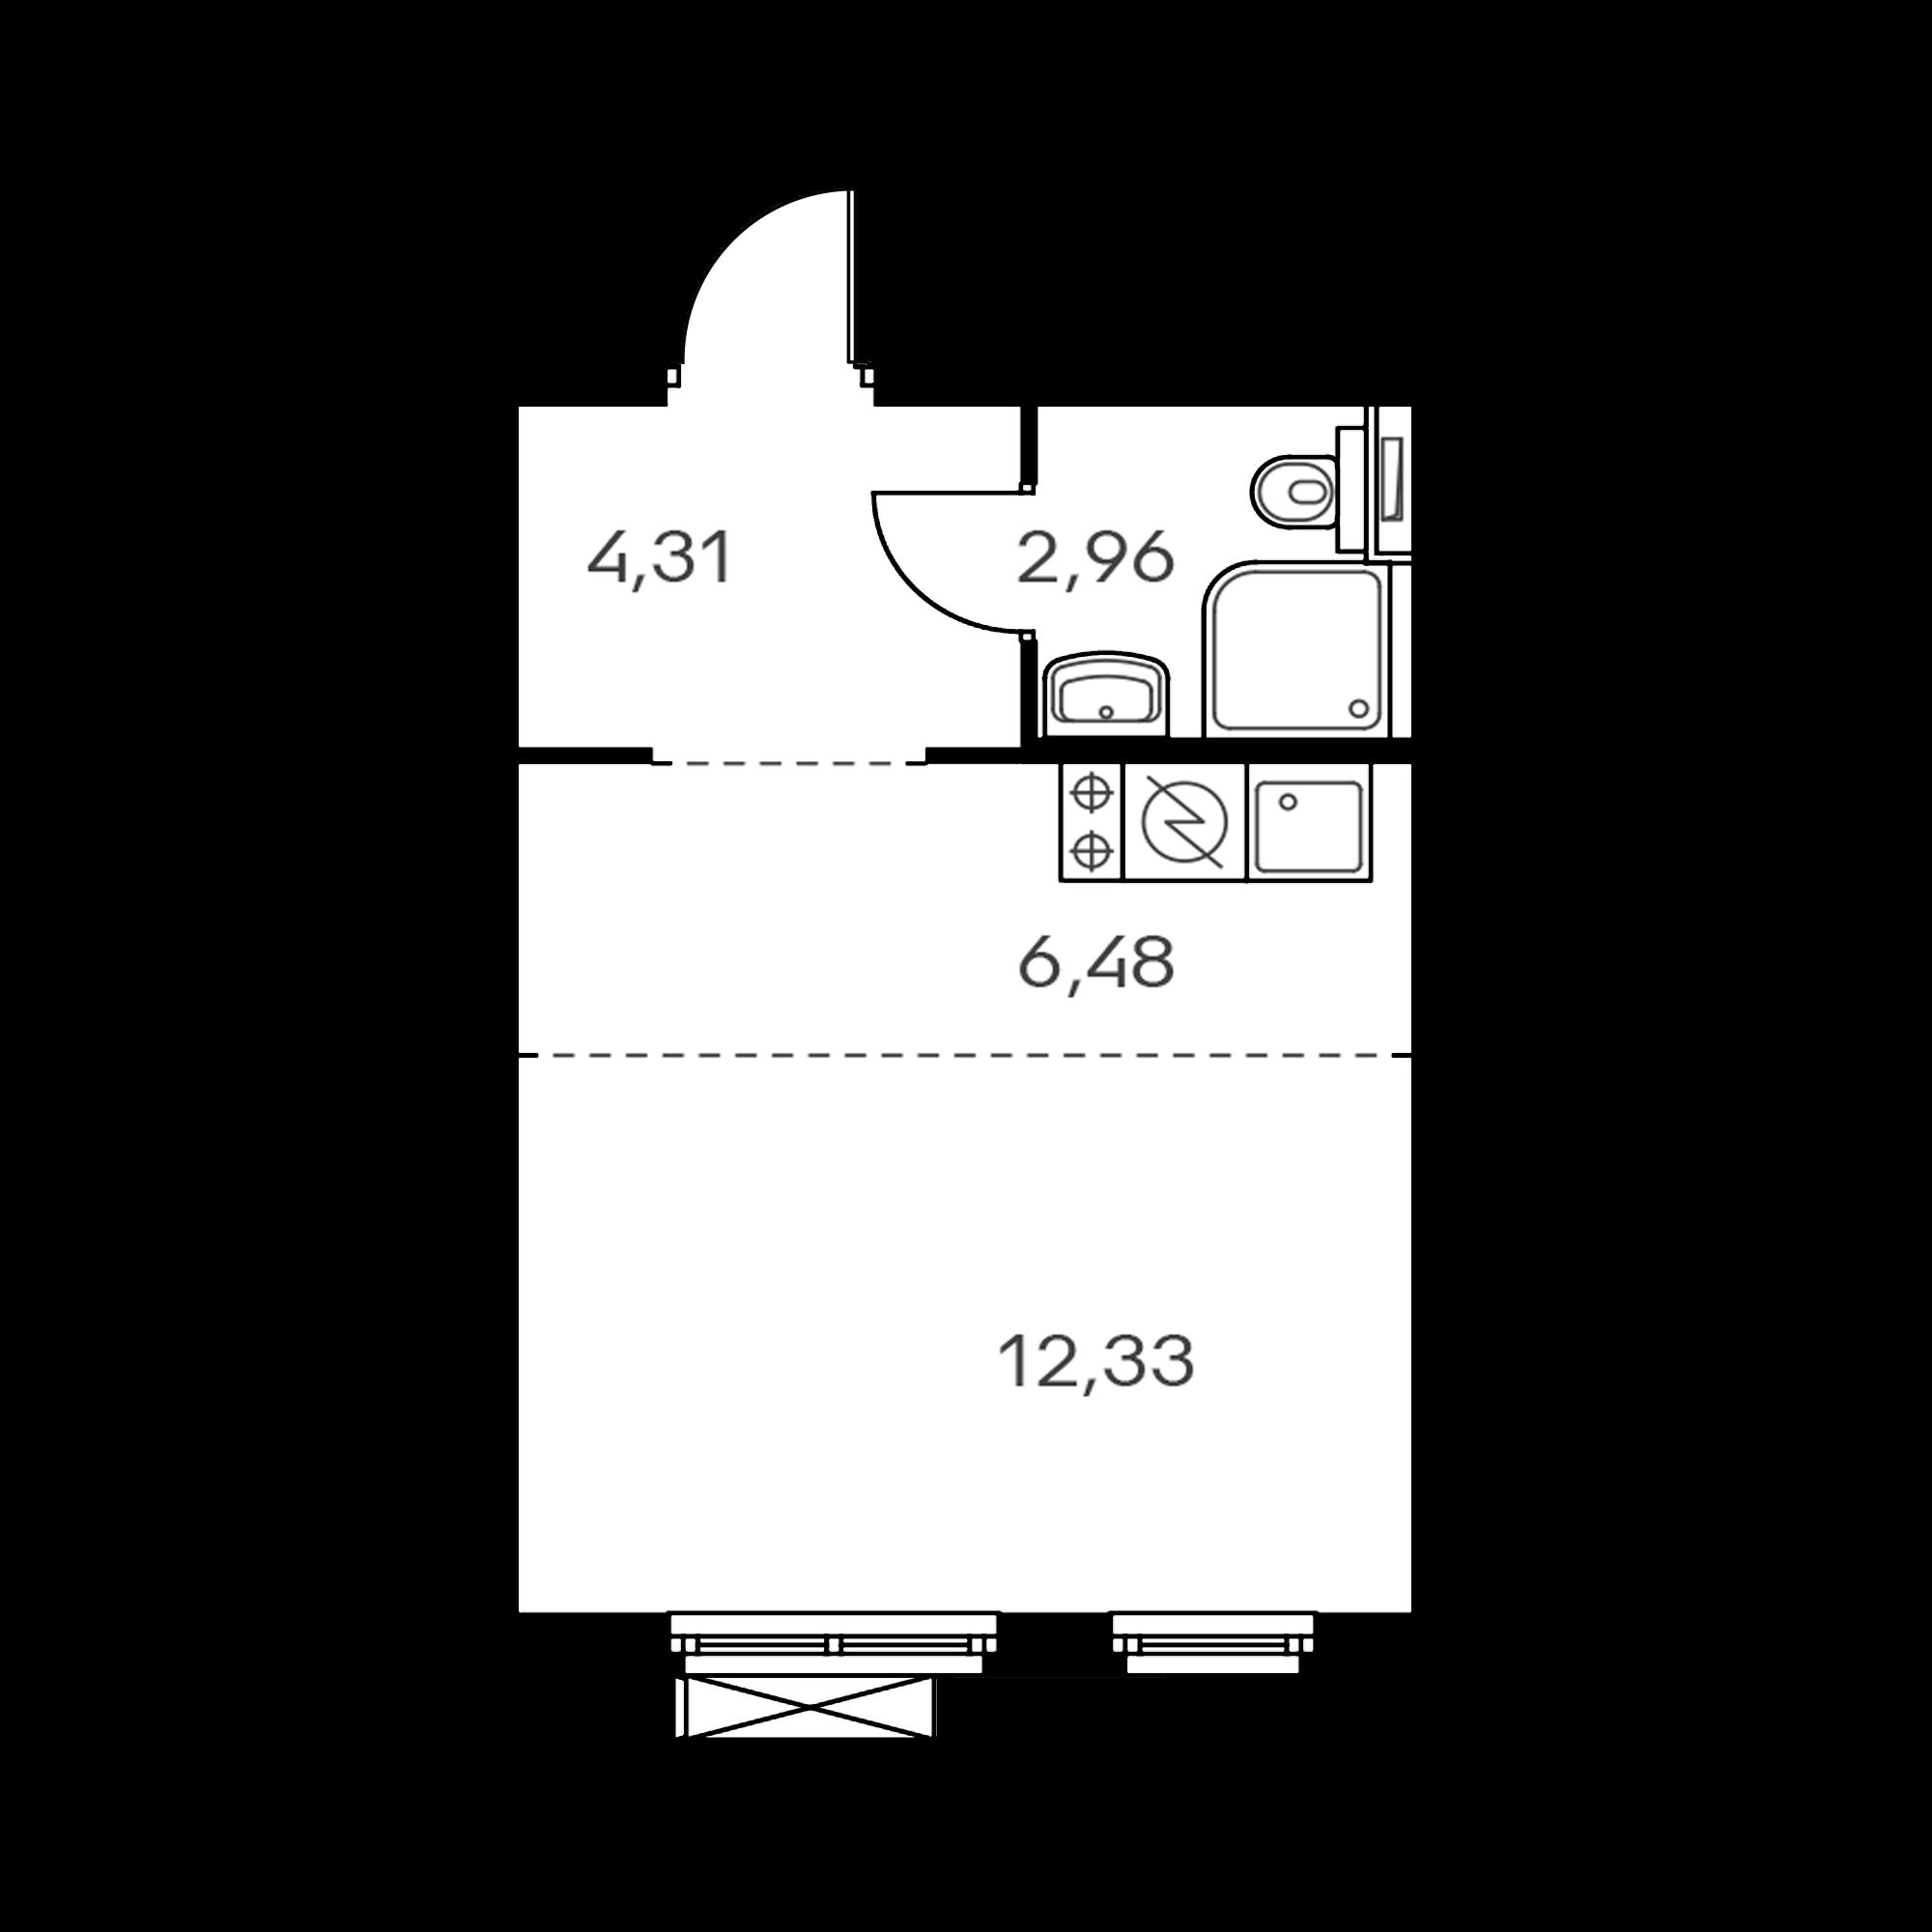 1NM1_4.5-1_S_A1